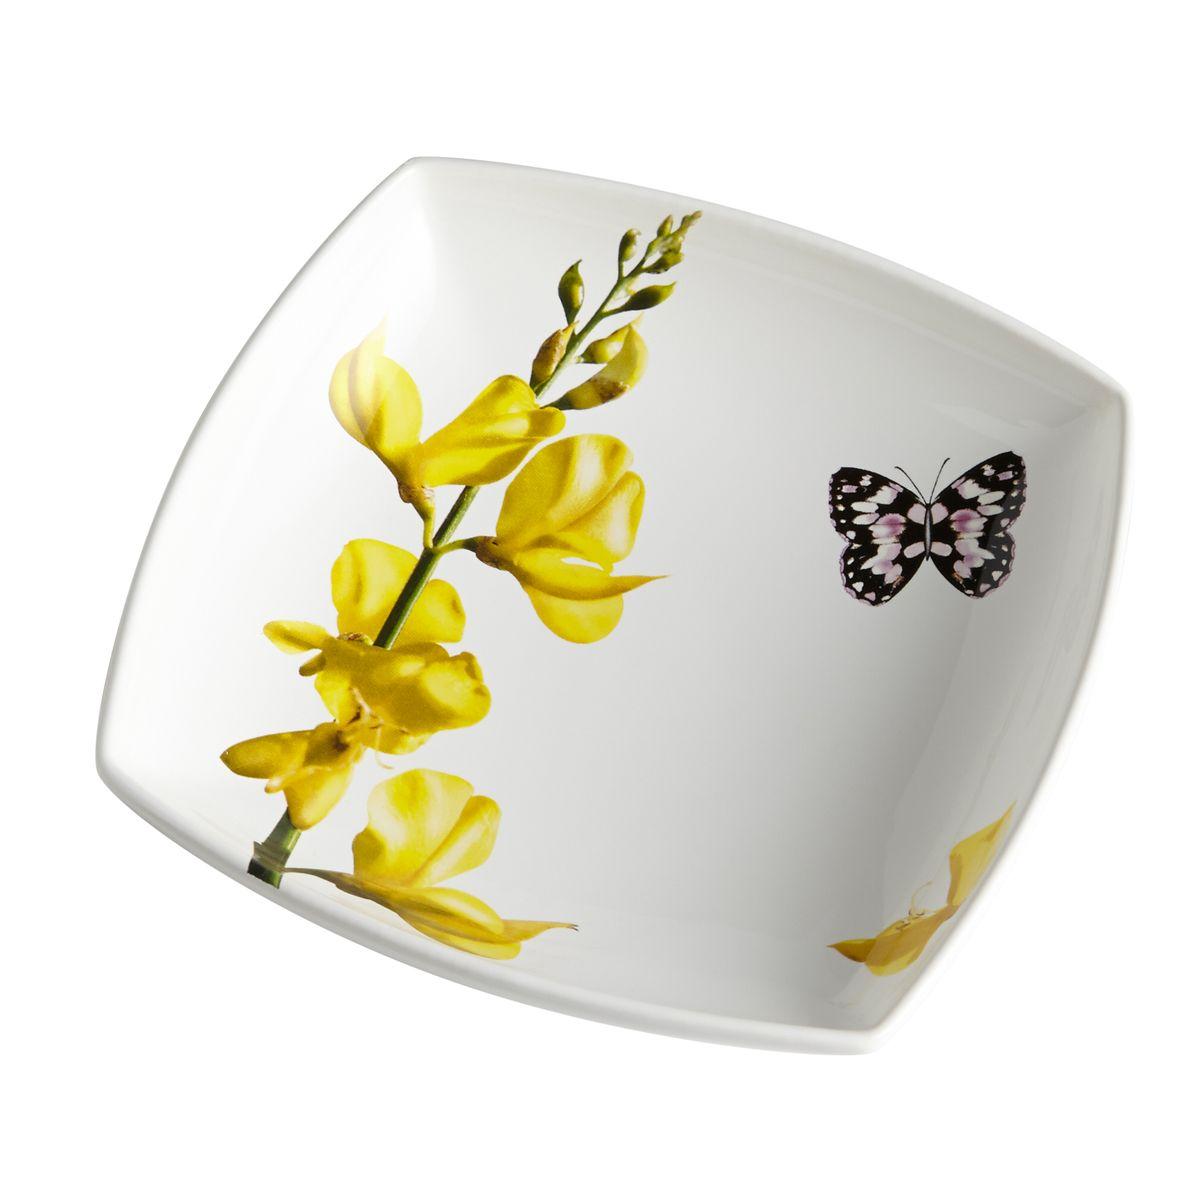 Тарелка суповая Лето. CV2-4348.1-ALCV2-4348.1-ALКерамическая посуда итальянской фабрики «Ceramiche Viva» известна не только своим превосходным качеством, но и удивительными, неповторимыми дизайнами, отличающими ее от любой другой керамической посуды.Помимо внешней привлекательности посуда «Ceramiche Viva» обладает и прекрасными практическими свойствами: посуду «Ceramiche Viva» можно мыть в посудомоечной машине и использовать в микроволновой печи. Не разрешается применять при мытье посуды абразивные порошки. Поверхность изделий покрыта высококачественной глазурью, не содержащей свинца.